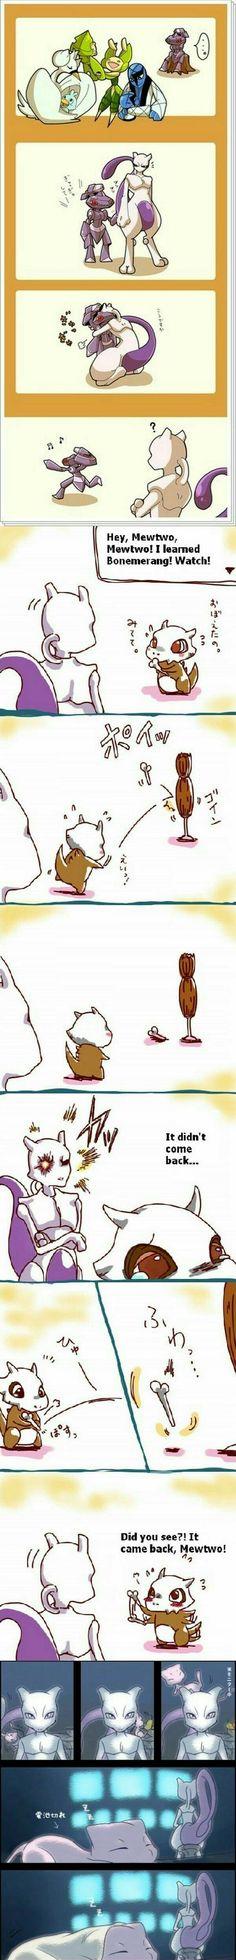 Mewtwo :3 <3